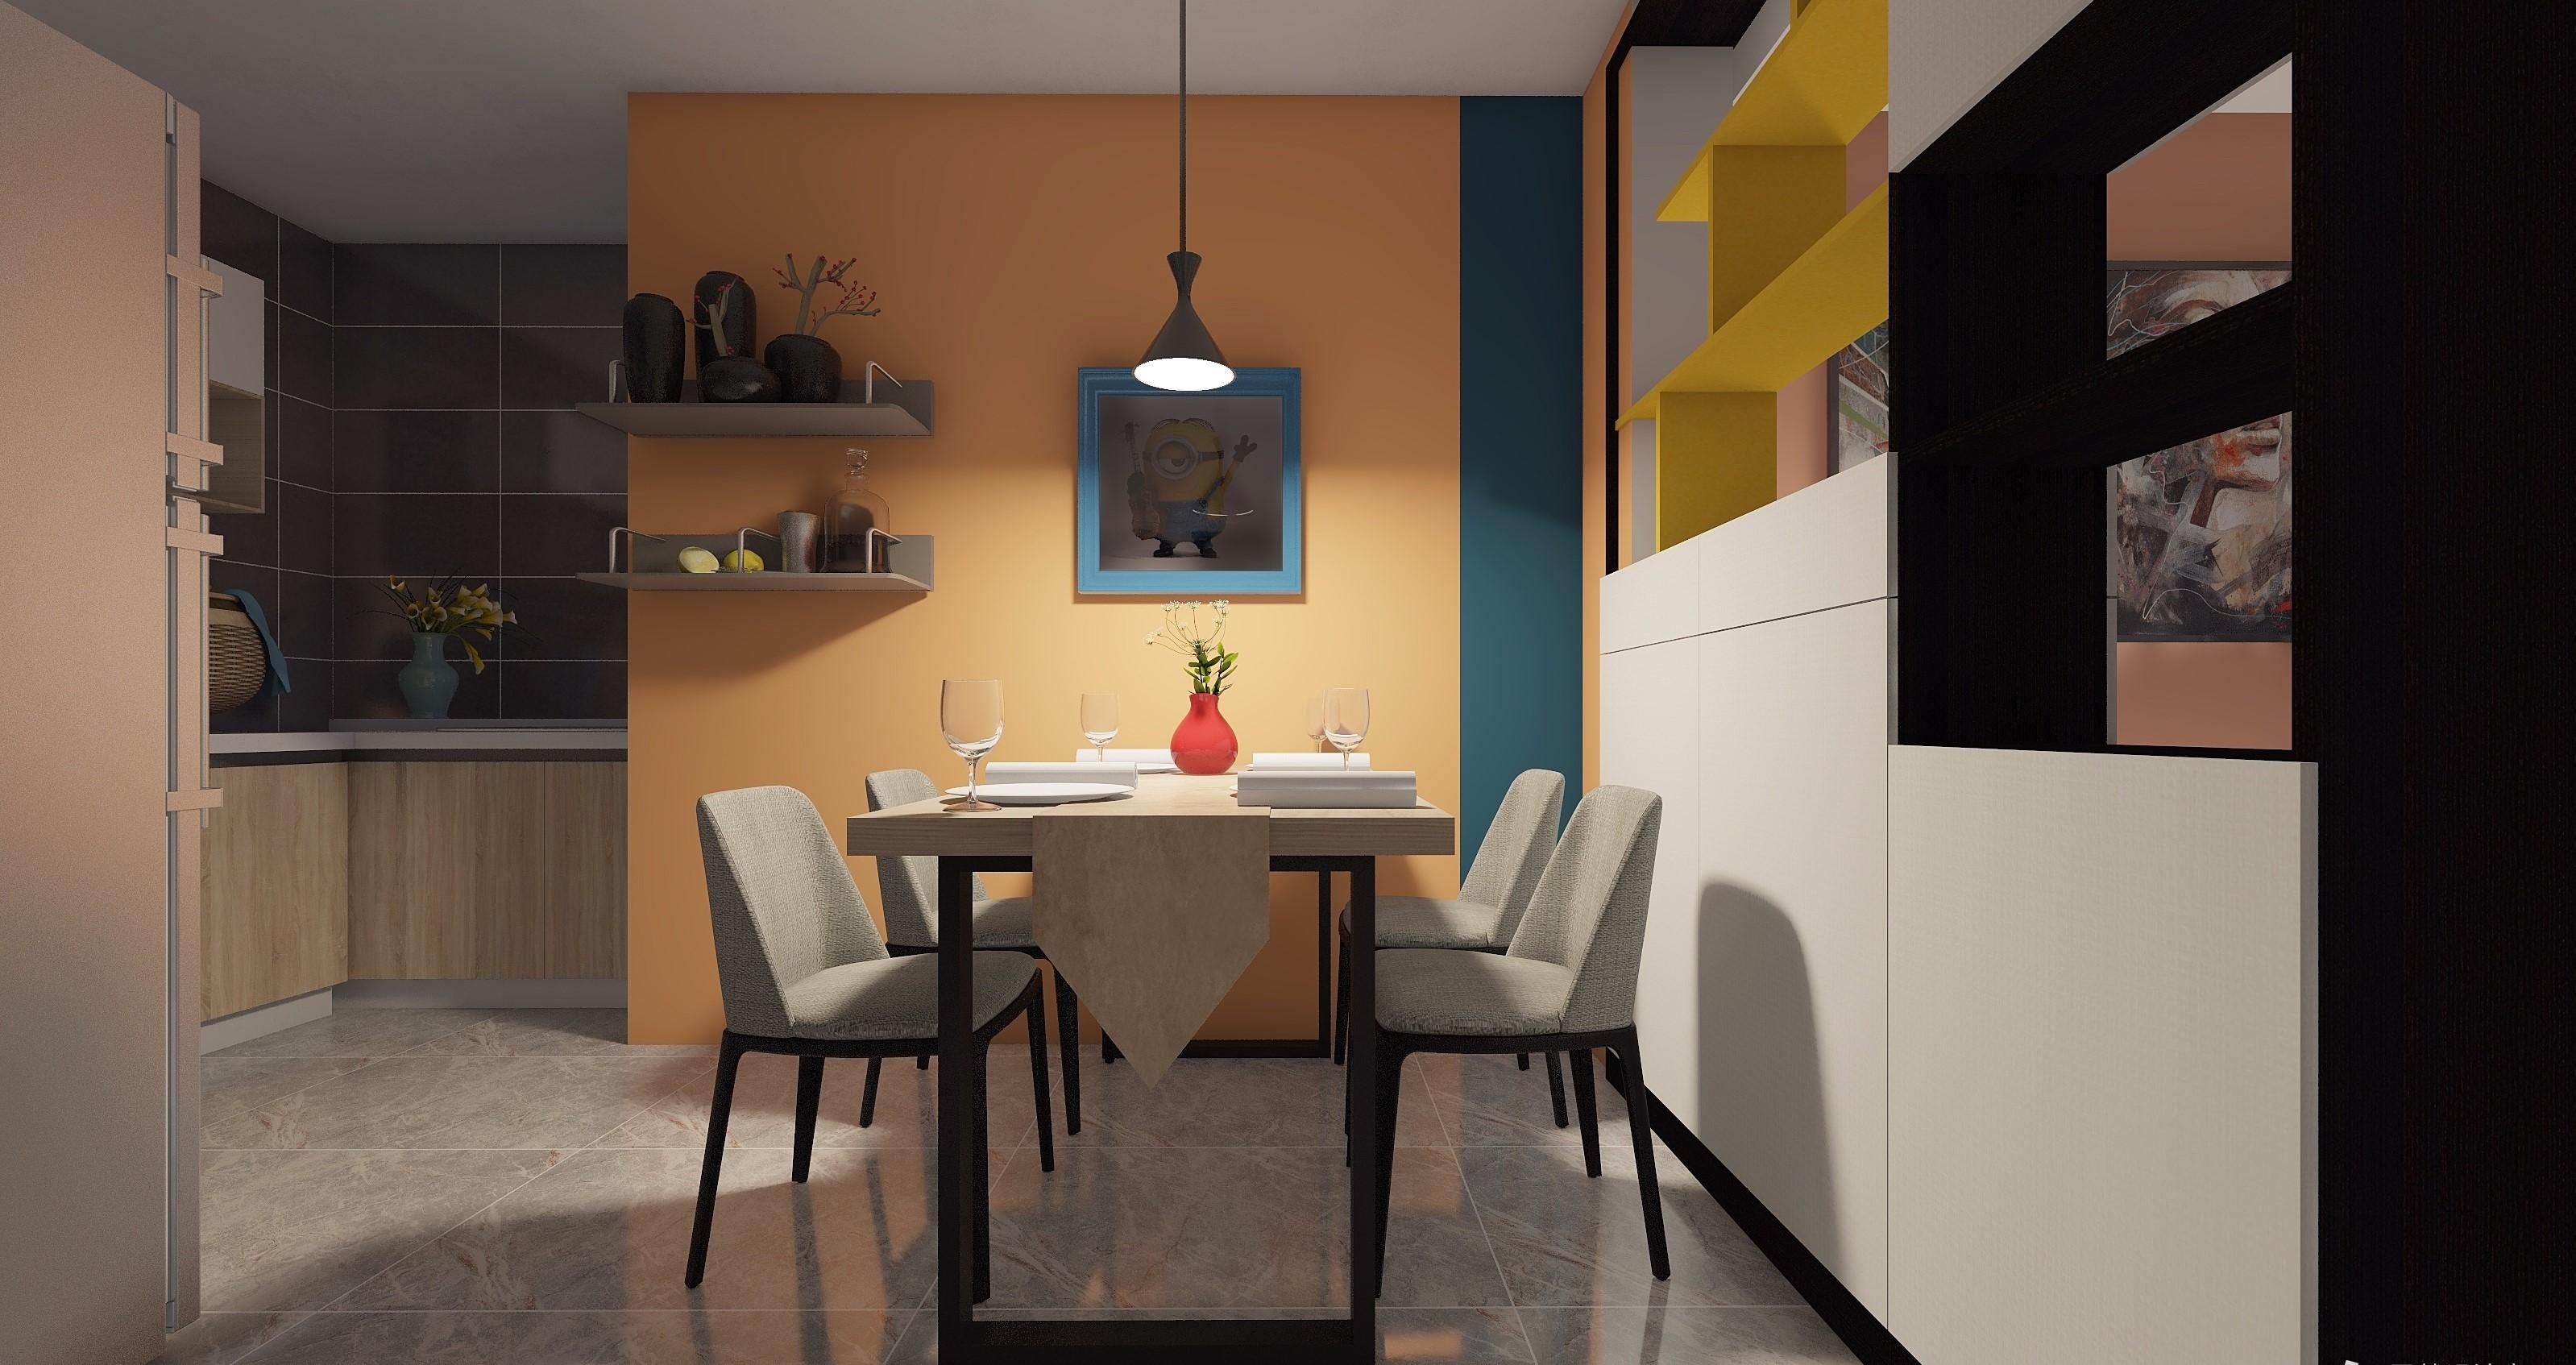 混搭 色彩图片来自居然设计家在混搭艺术的分享